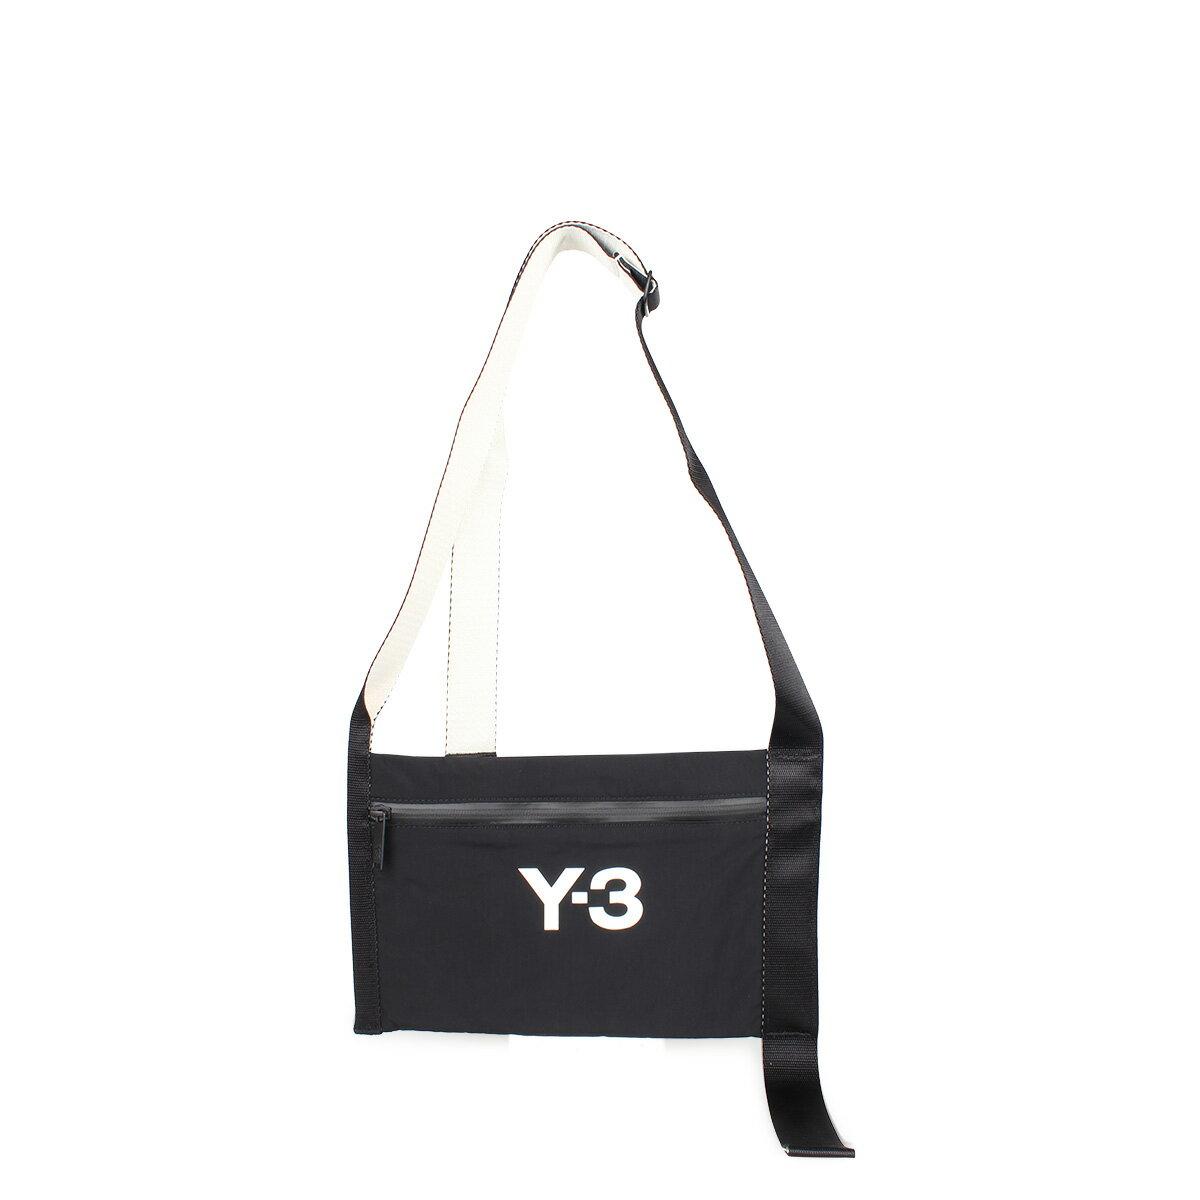 男女兼用バッグ, サコッシュ Y-3 CH3 SACOCHE adidas YOHJI YAMAMOTO GK2105